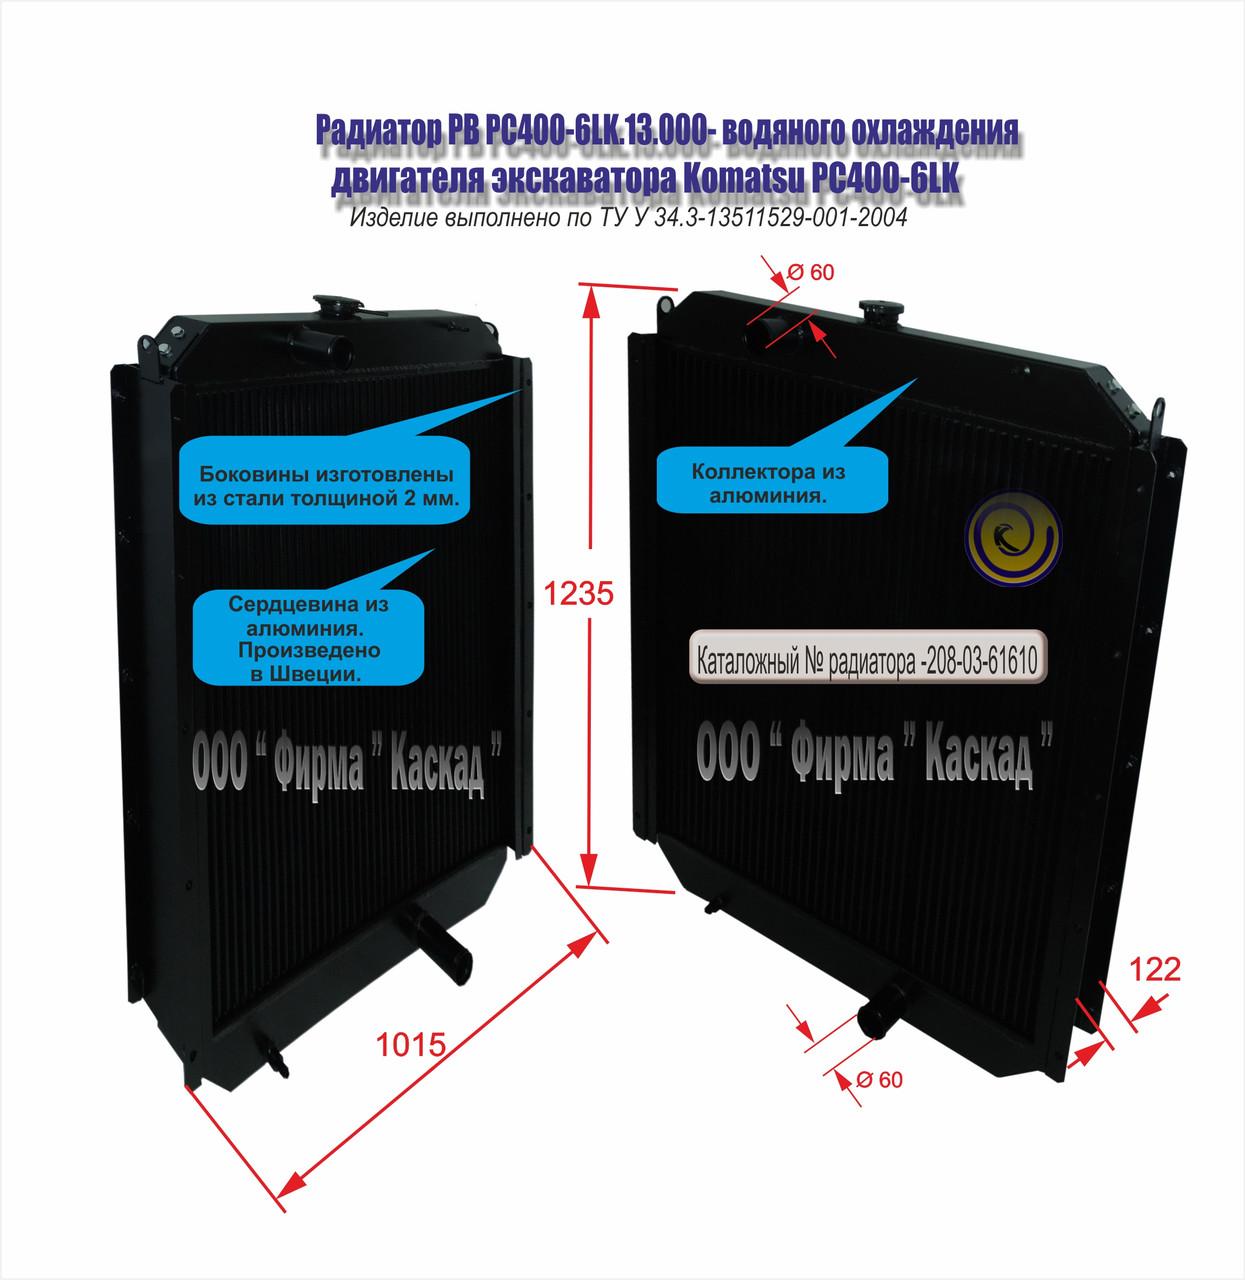 Радиатор водяной двигателя экскаватора Komatsu PC400-6LK